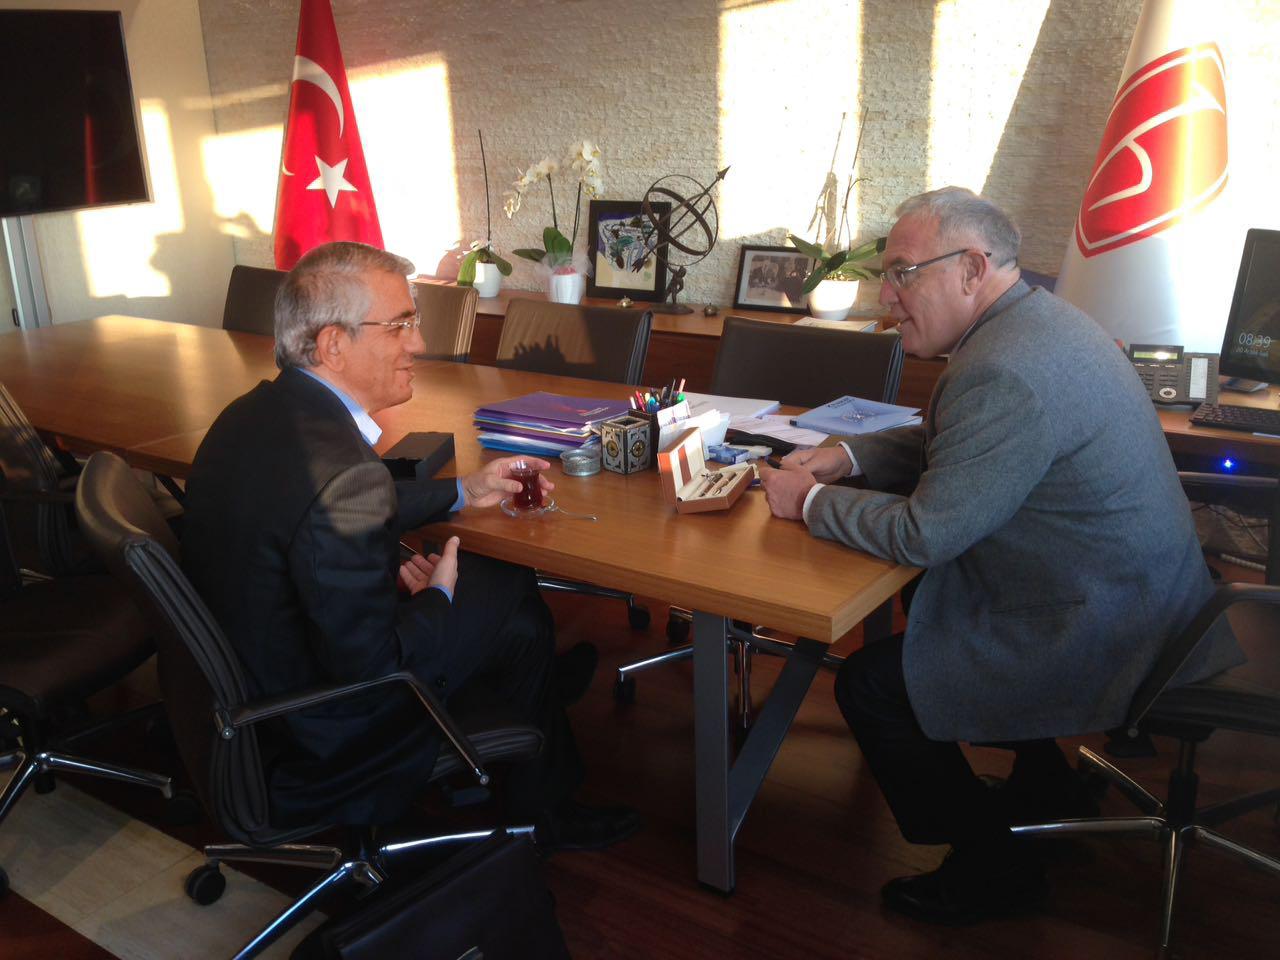 Təsisçi Hacettepe Universitetinin rektoru ilə görüşdü